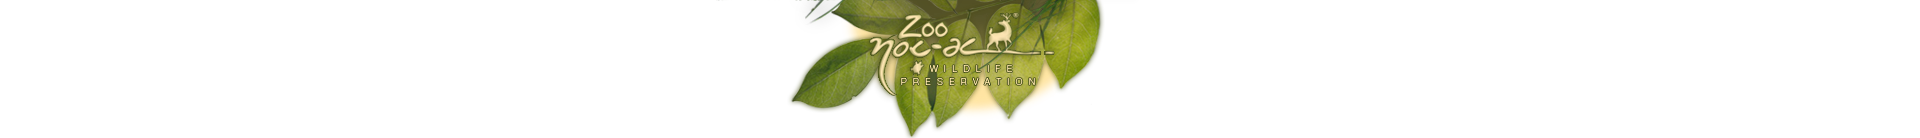 barra de redes zoo en.png